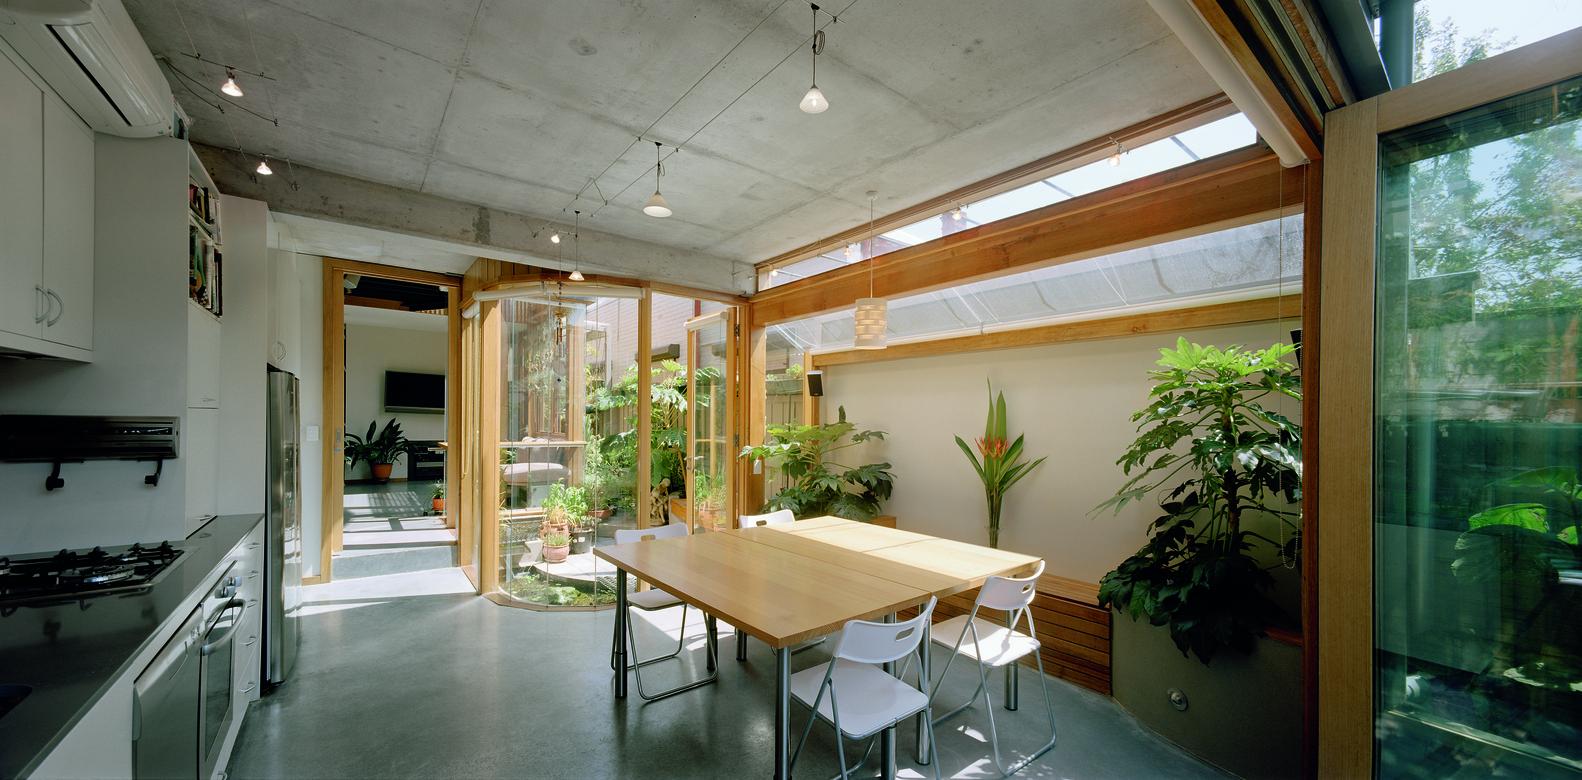 نحوه تبدیل یک محیط داخلی آلوده به یک خانه سالم (بخش اول)